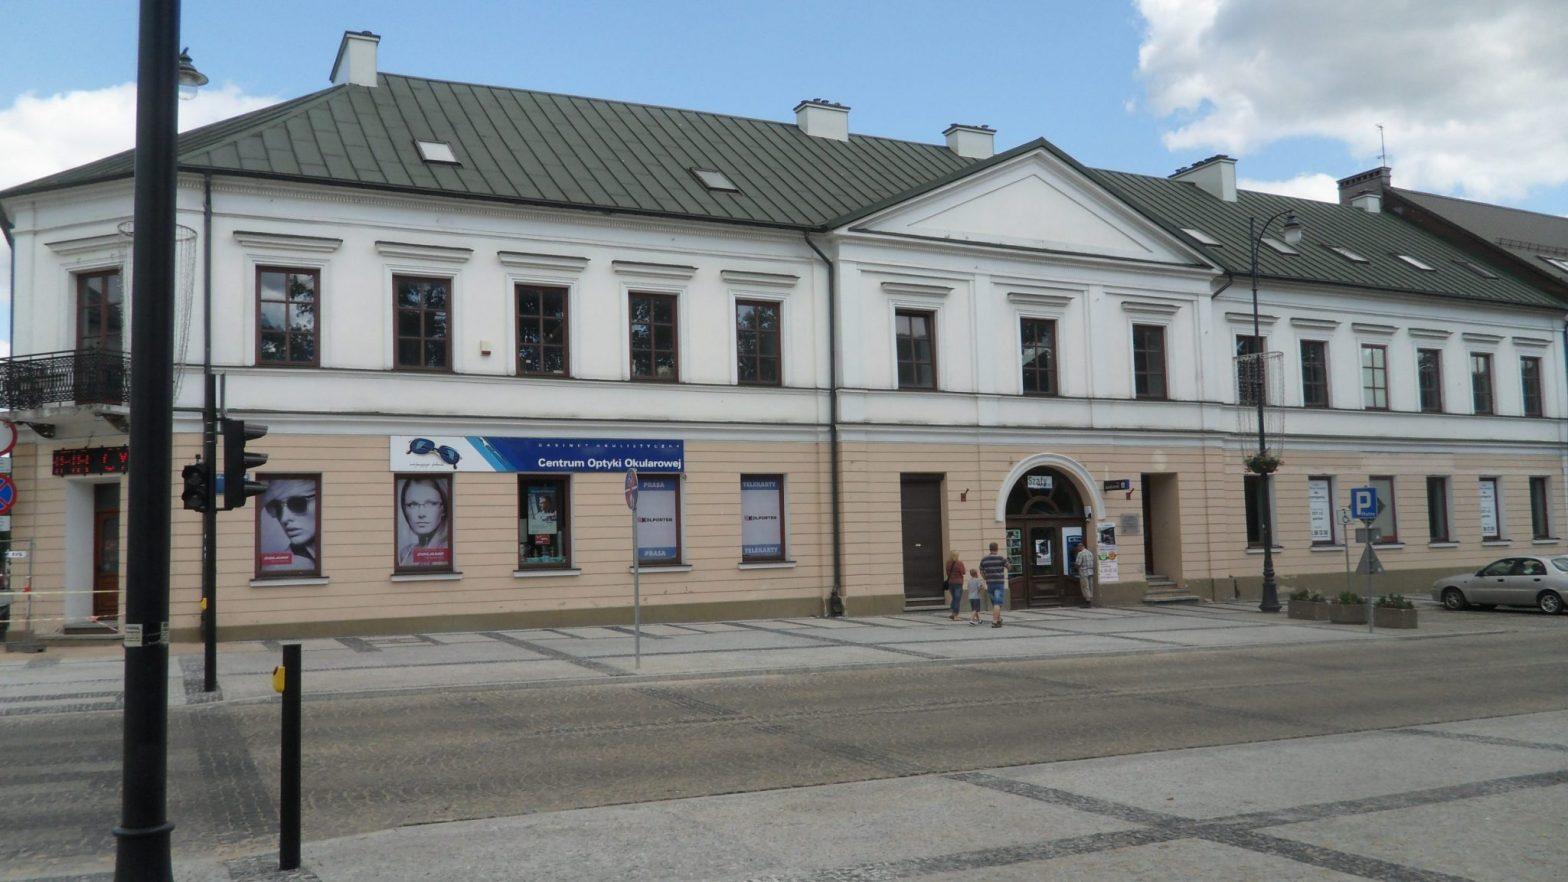 Gmach Komisji Wojewódzkiej i Trybunału- ul. T. Kościuszki 74 w Suwałkach. Tu najprawdopodobniej urzędował Wincenty Bromirski i Stanisław Barbowski. Pięknie odnowiony budynek w 2013 roku.